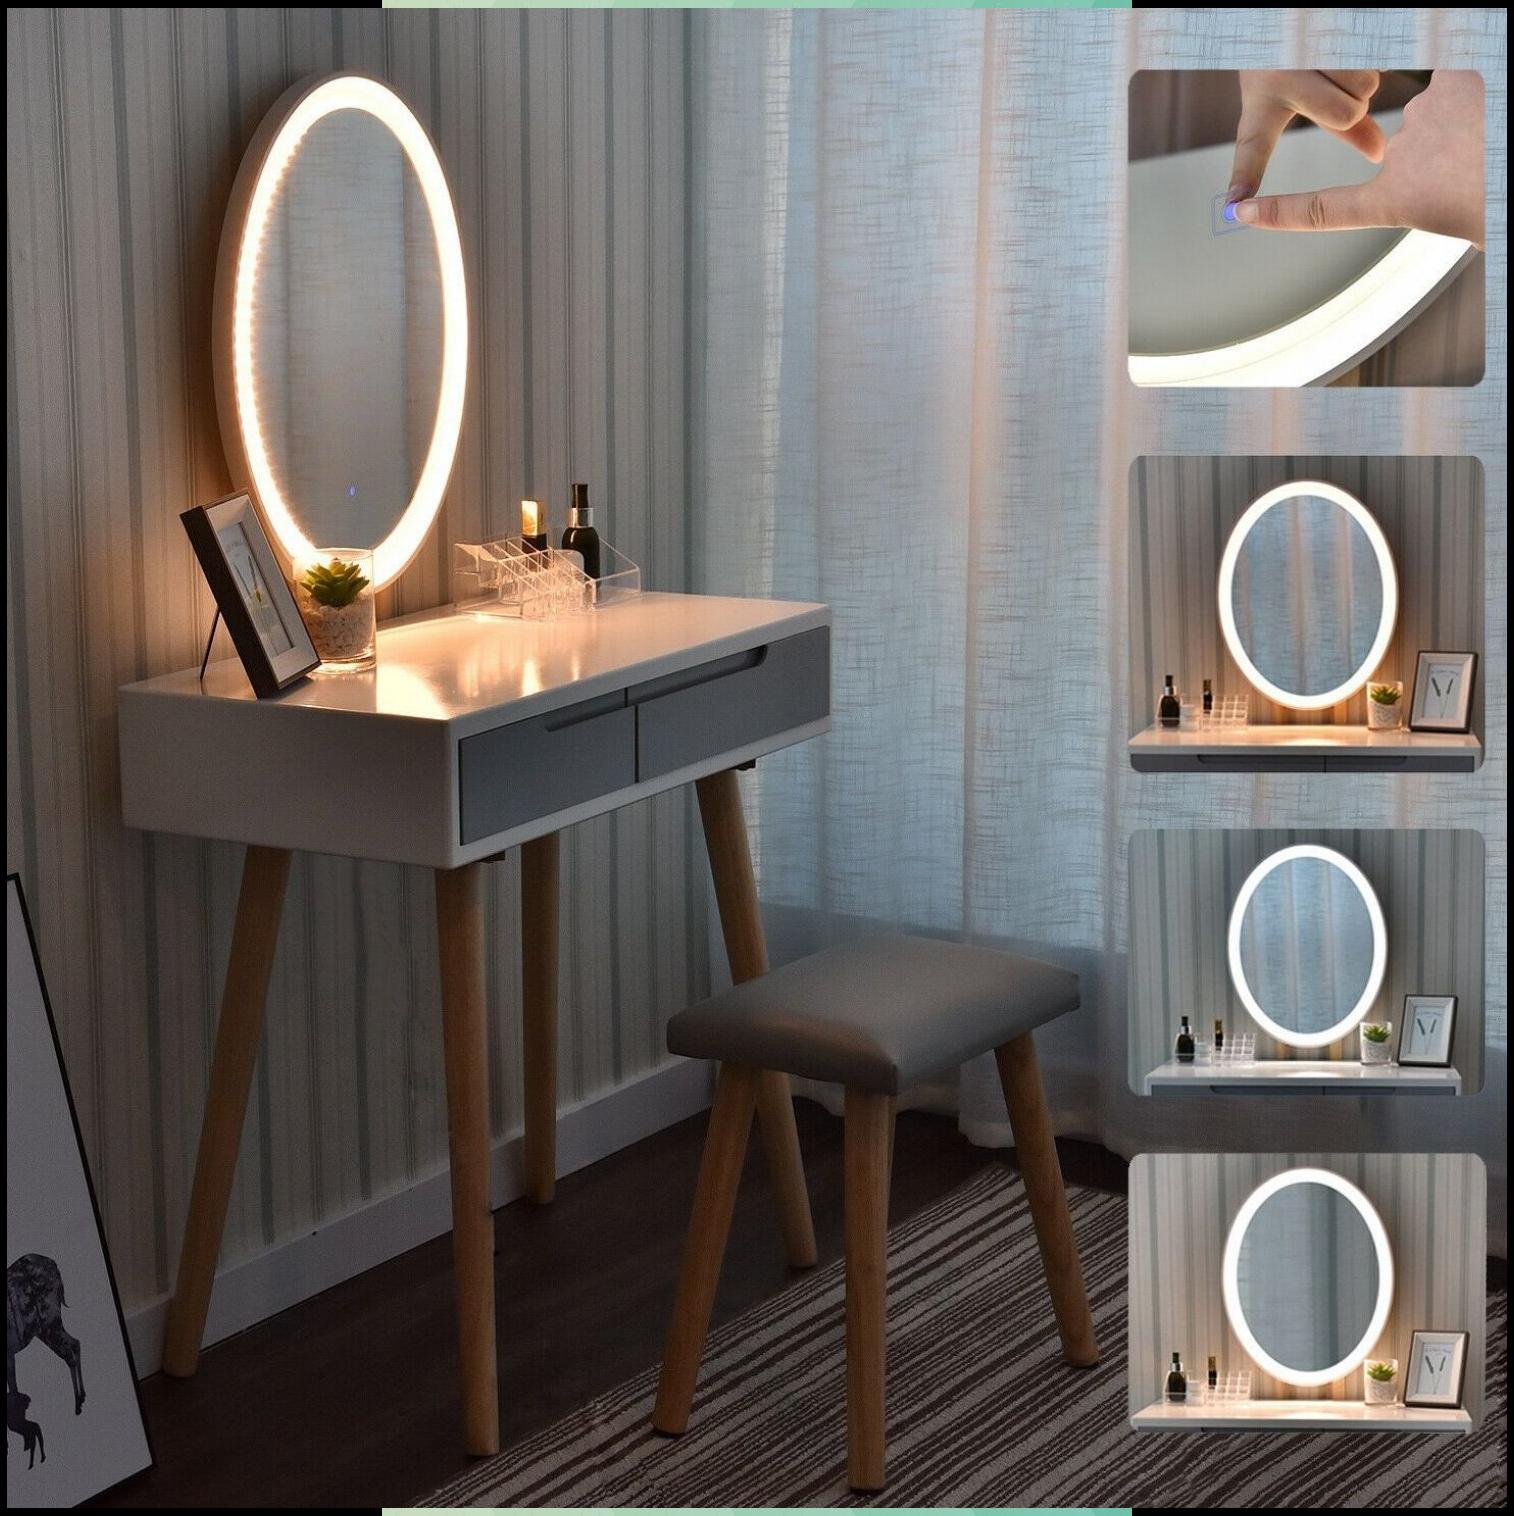 Schminktisch Frisiertisch Kosmetiktisch Kommode Mit Hocker Beleuchtung Spiegel In 2020 Frisiertisch Schminktisch Kosmetiktisch